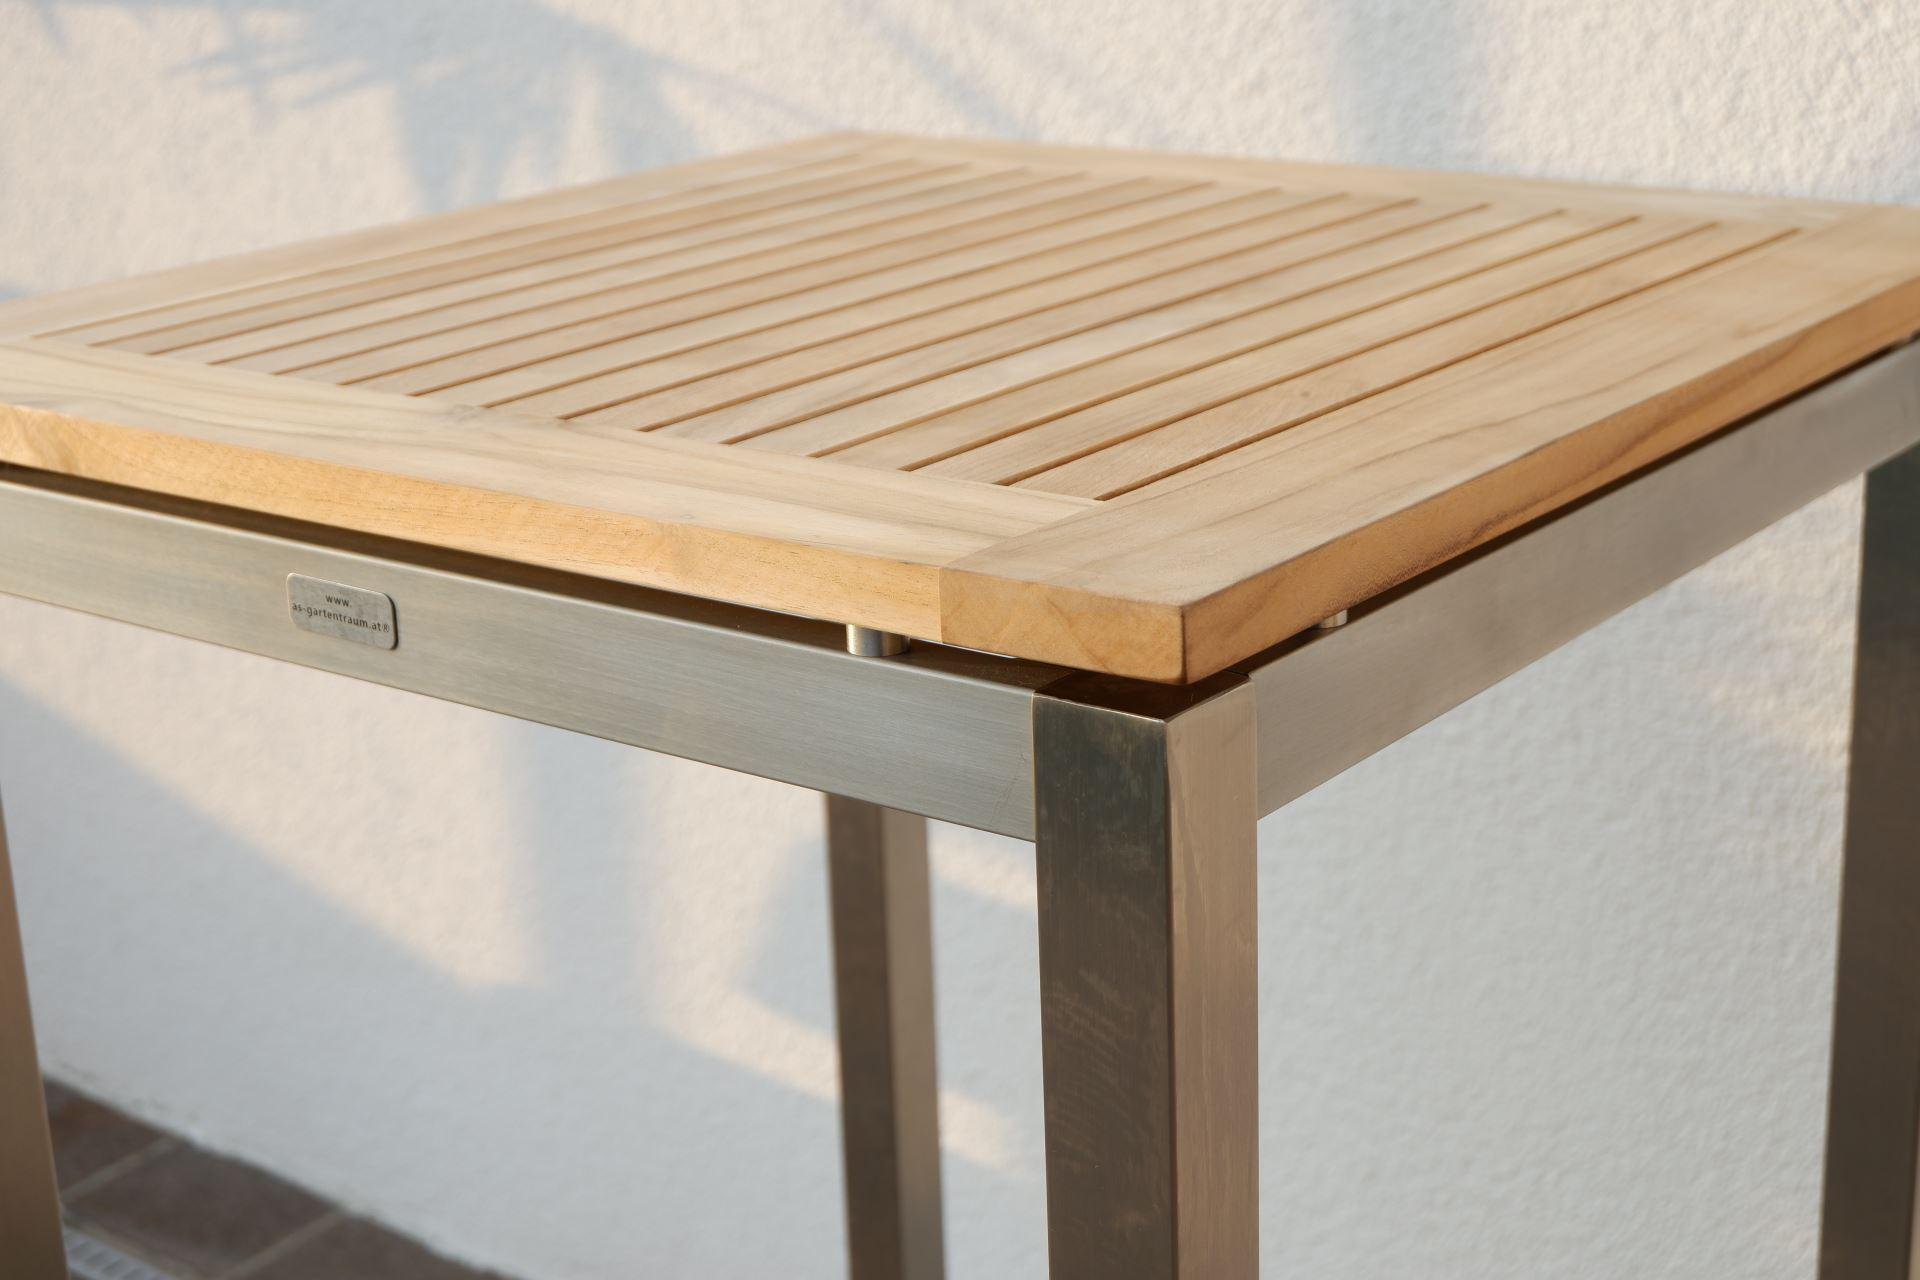 Full Size of Barhocker Mit Tisch Set Caseconradcom Bartisch Küche Dänisches Bettenlager Badezimmer Wohnzimmer Bartisch Dänisches Bettenlager